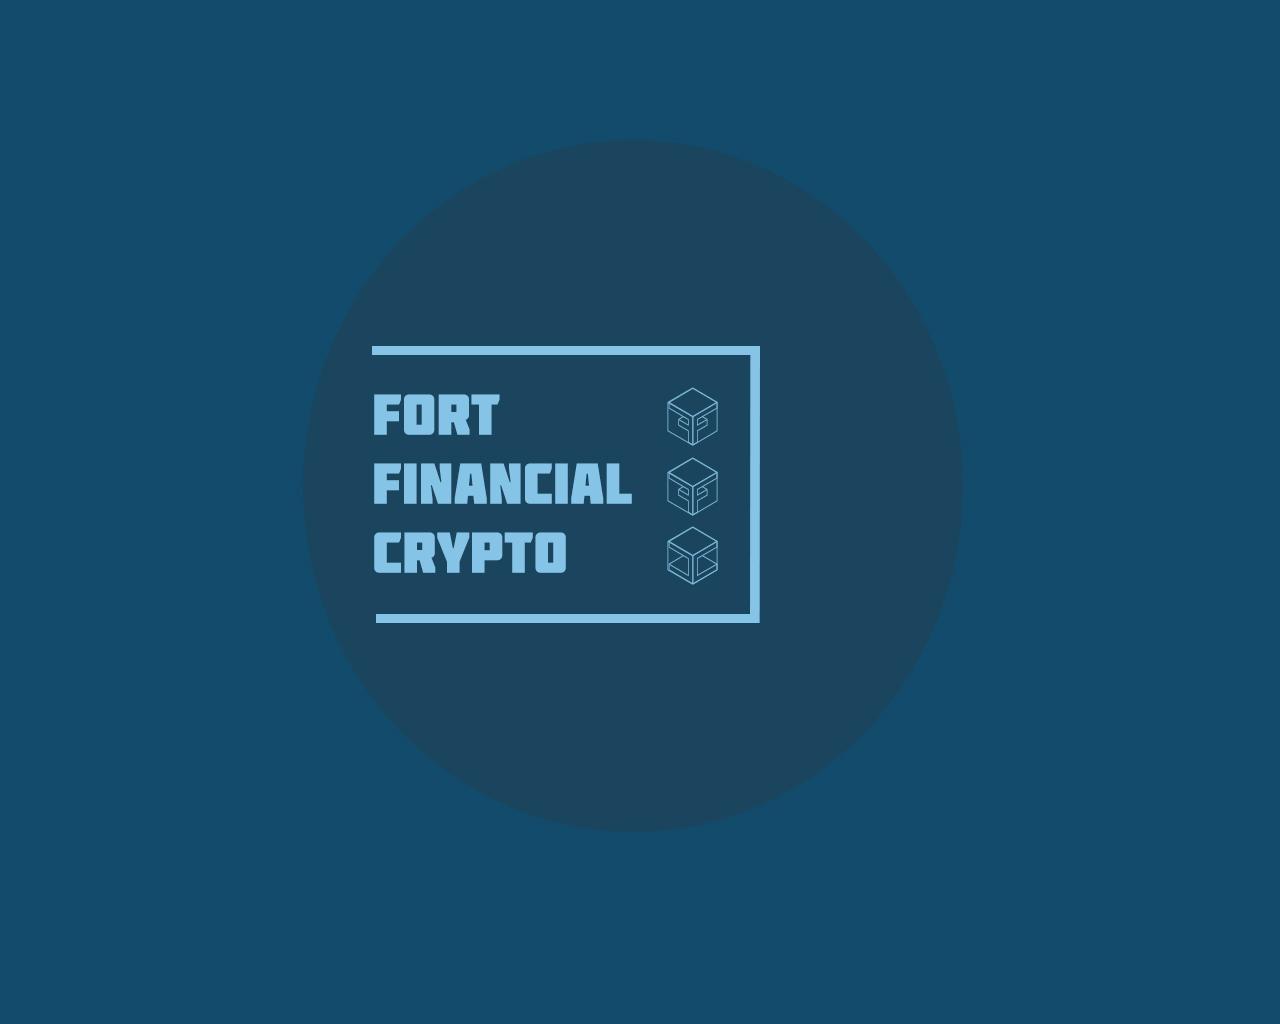 Разработка логотипа финансовой компании фото f_5425a86db585e37f.jpg